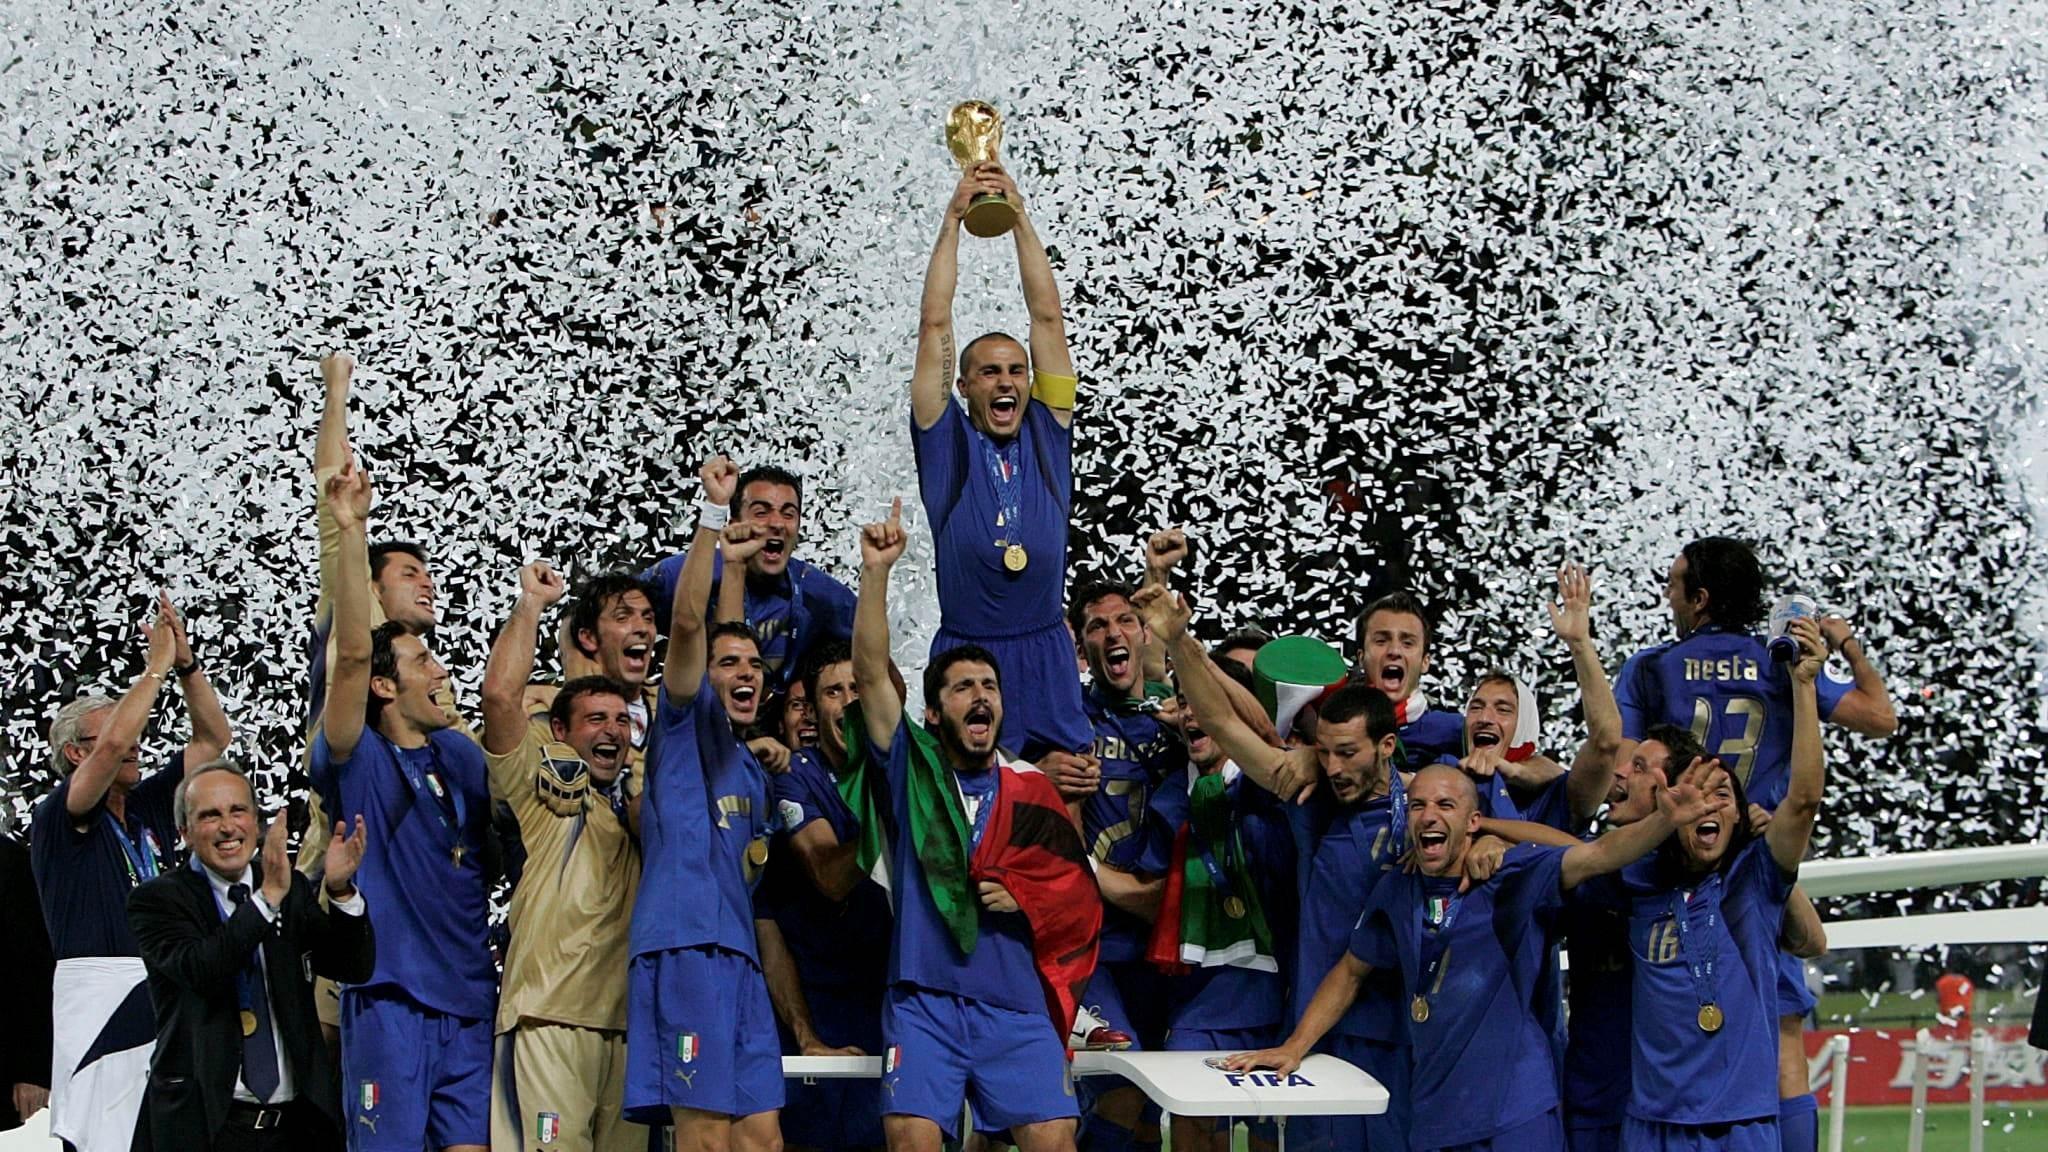 منتخب إيطاليا بطل لكأس العالم 2006 (أرشيف)